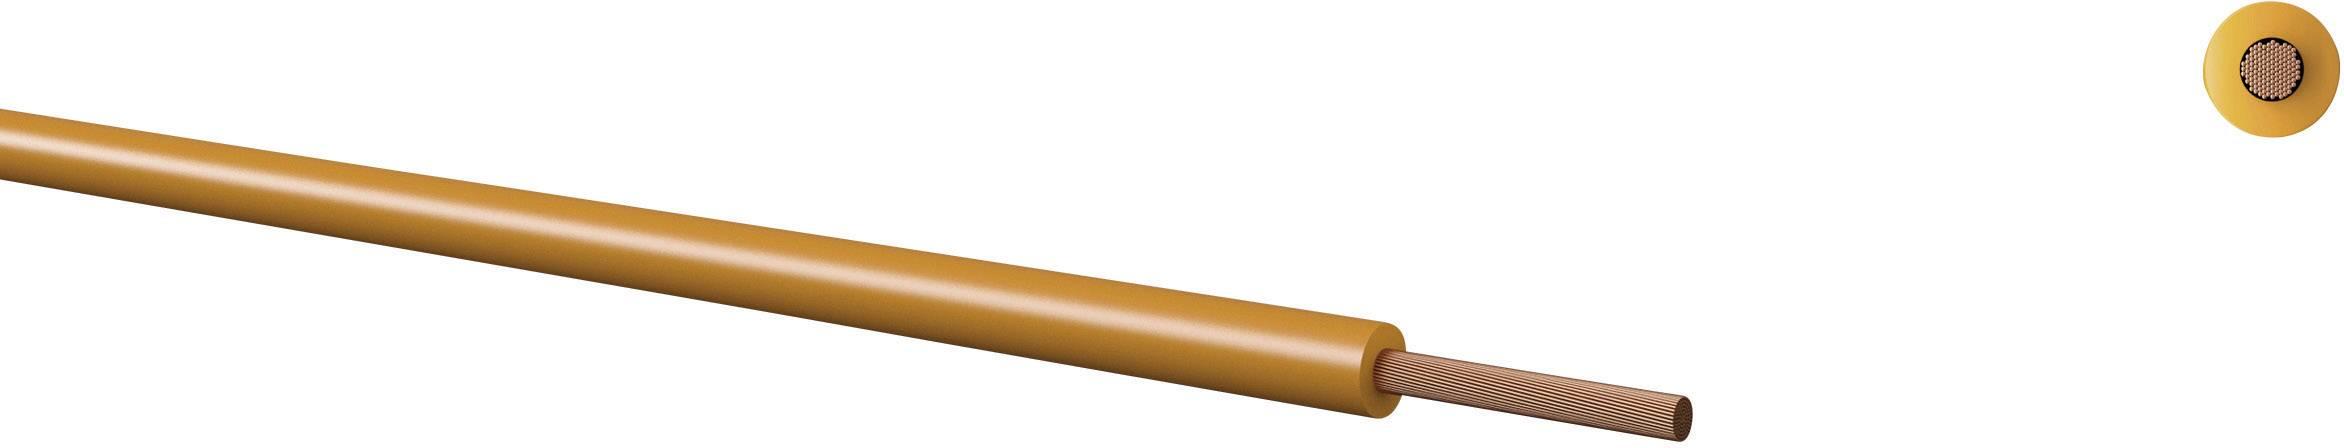 Opletenie / lanko Kabeltronik 160105001 LiFY, 1 x 0.50 mm², vonkajší Ø 2 mm, metrový tovar, biela